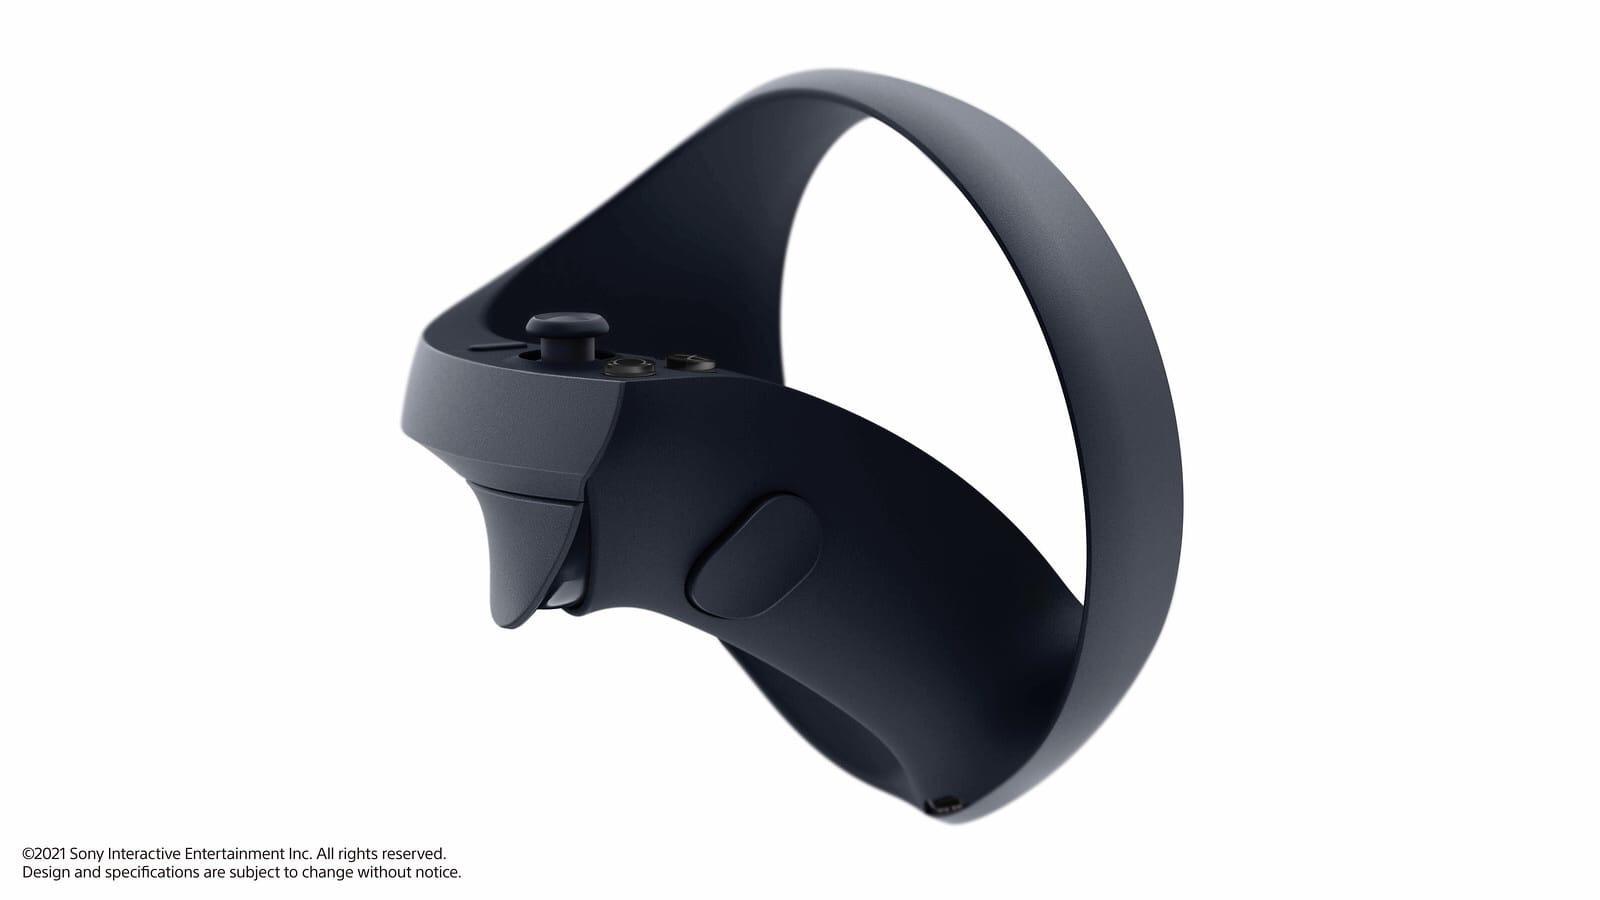 Первые изображения нового контроллера PlayStation 5 для виртуальной реальности